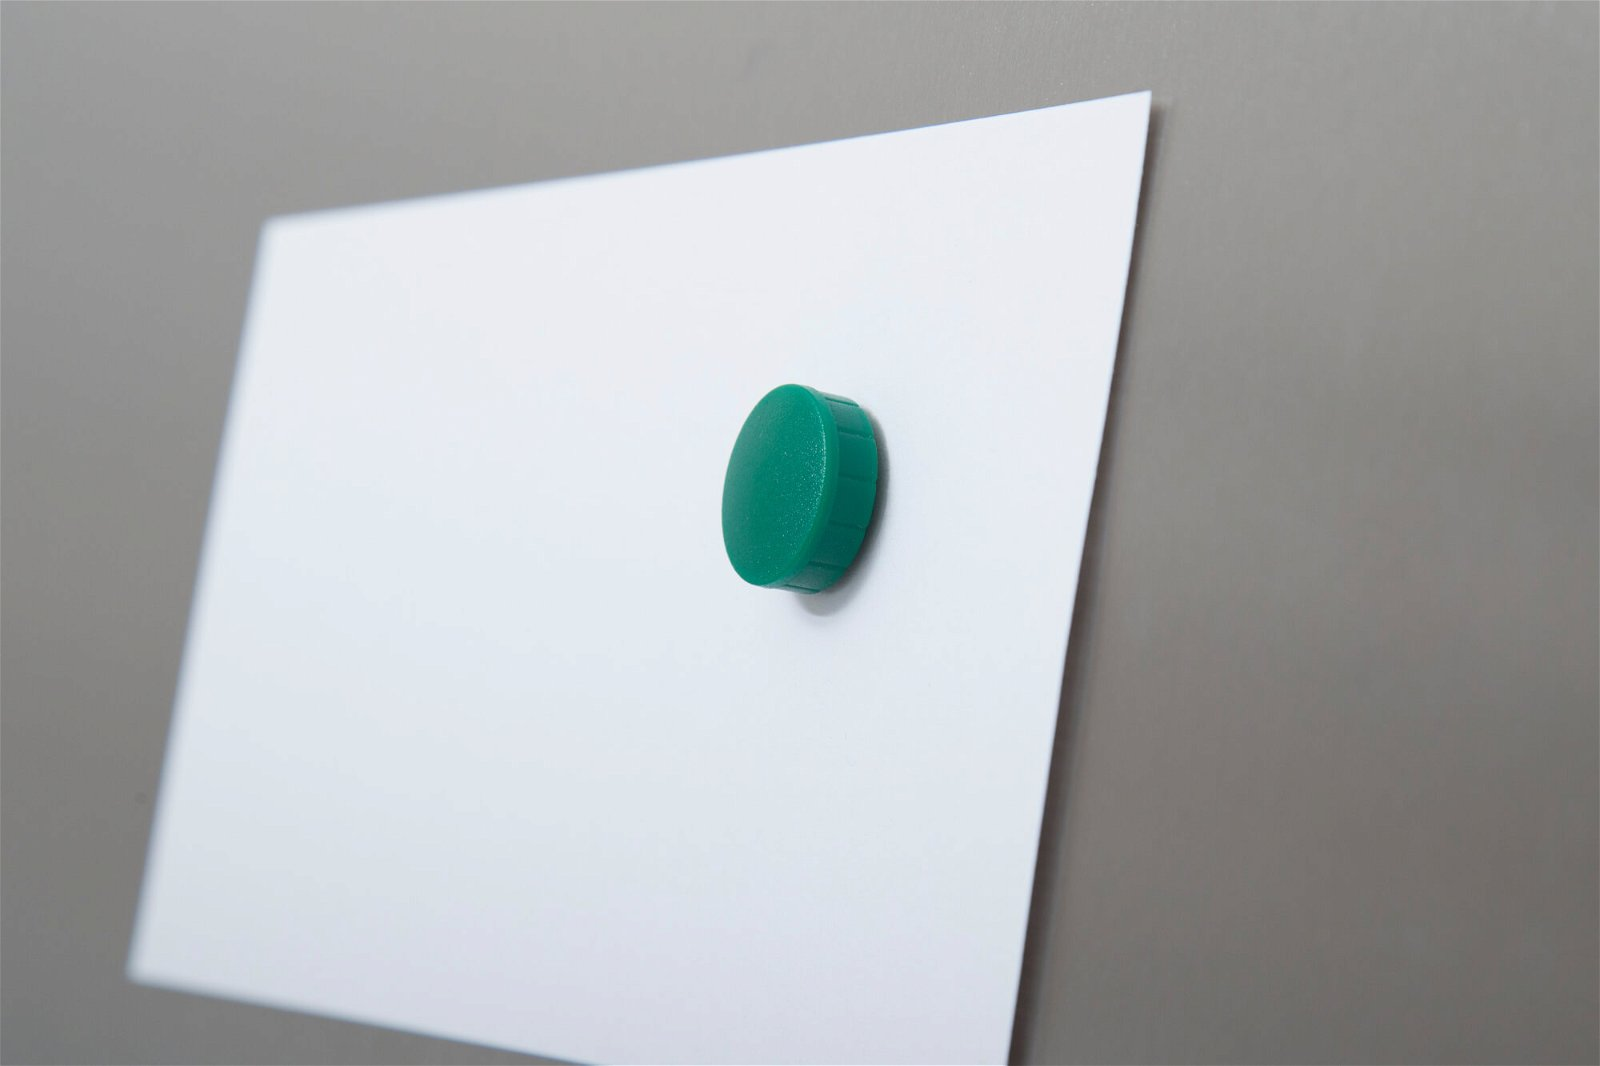 Magnet MAULsolid Ø 20 mm, 0,3 kg Haftkraft, 10 St./Ktn., grün